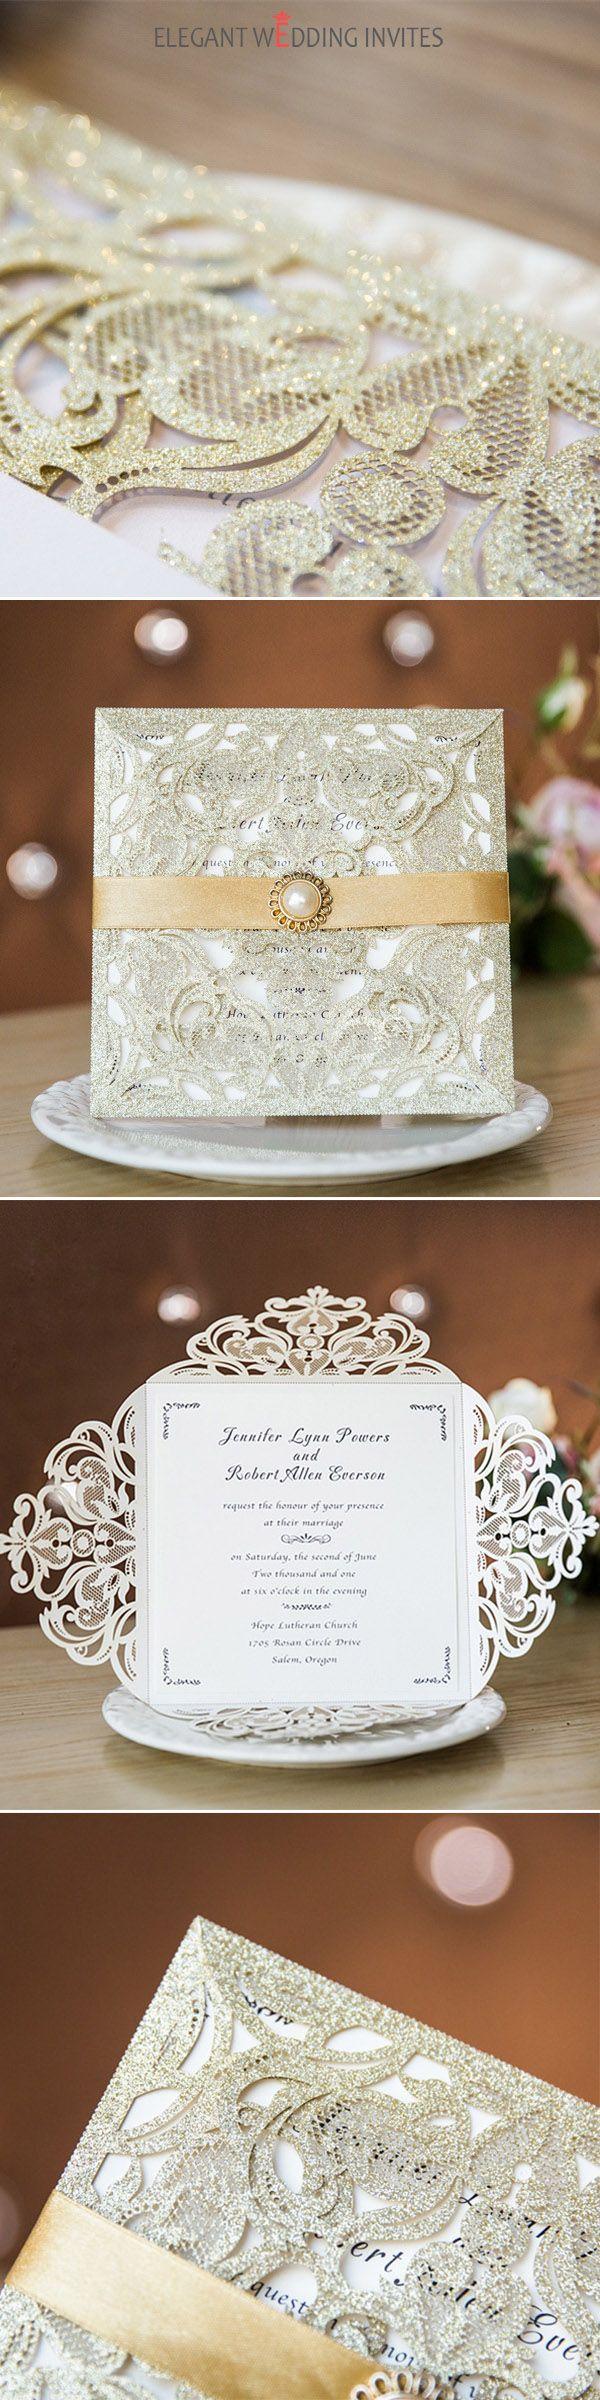 176 best Stylish Wedding Ideas images on Pinterest | Invitation ...